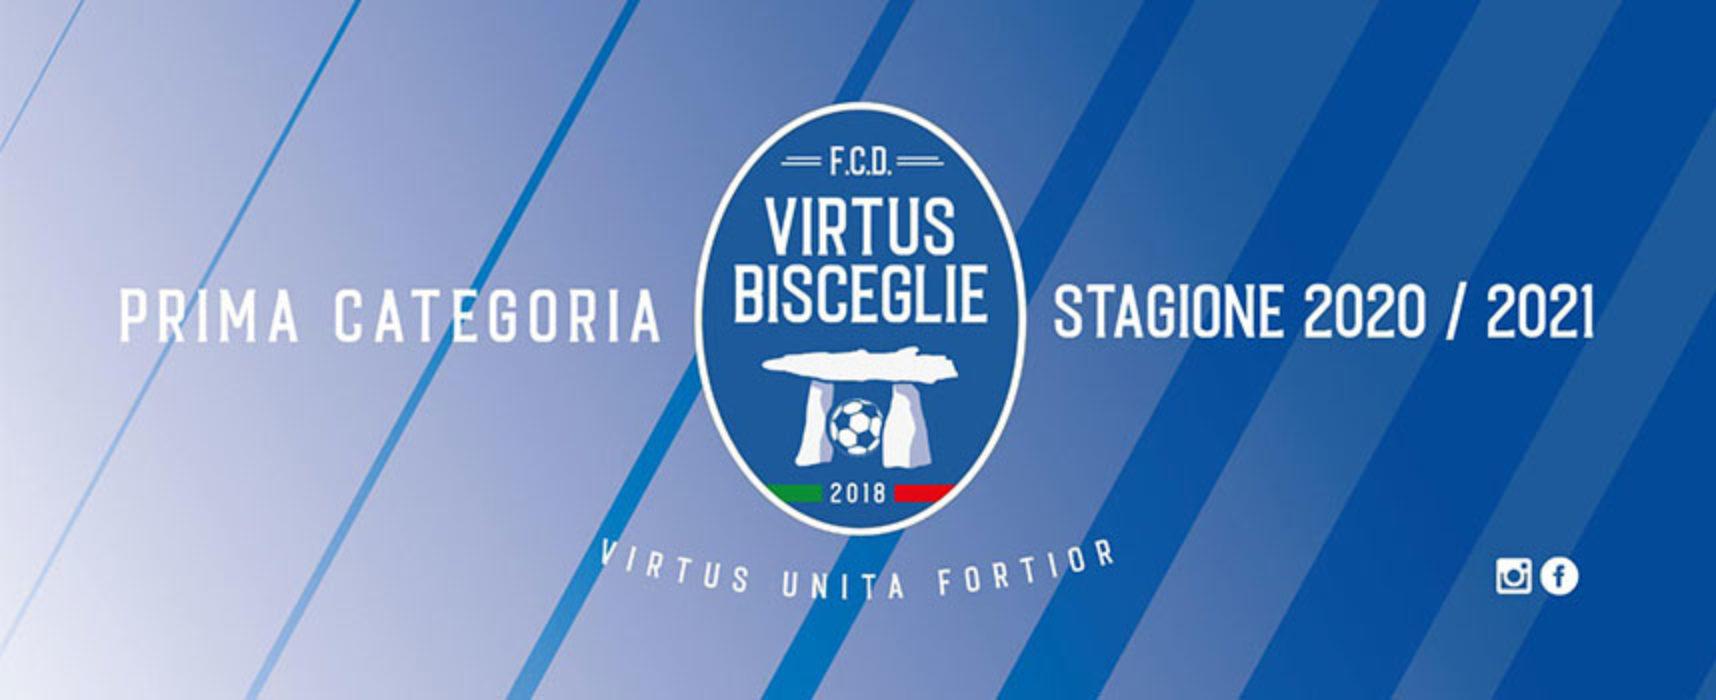 Ufficiale: Virtus Bisceglie ripescata in Prima Categoria